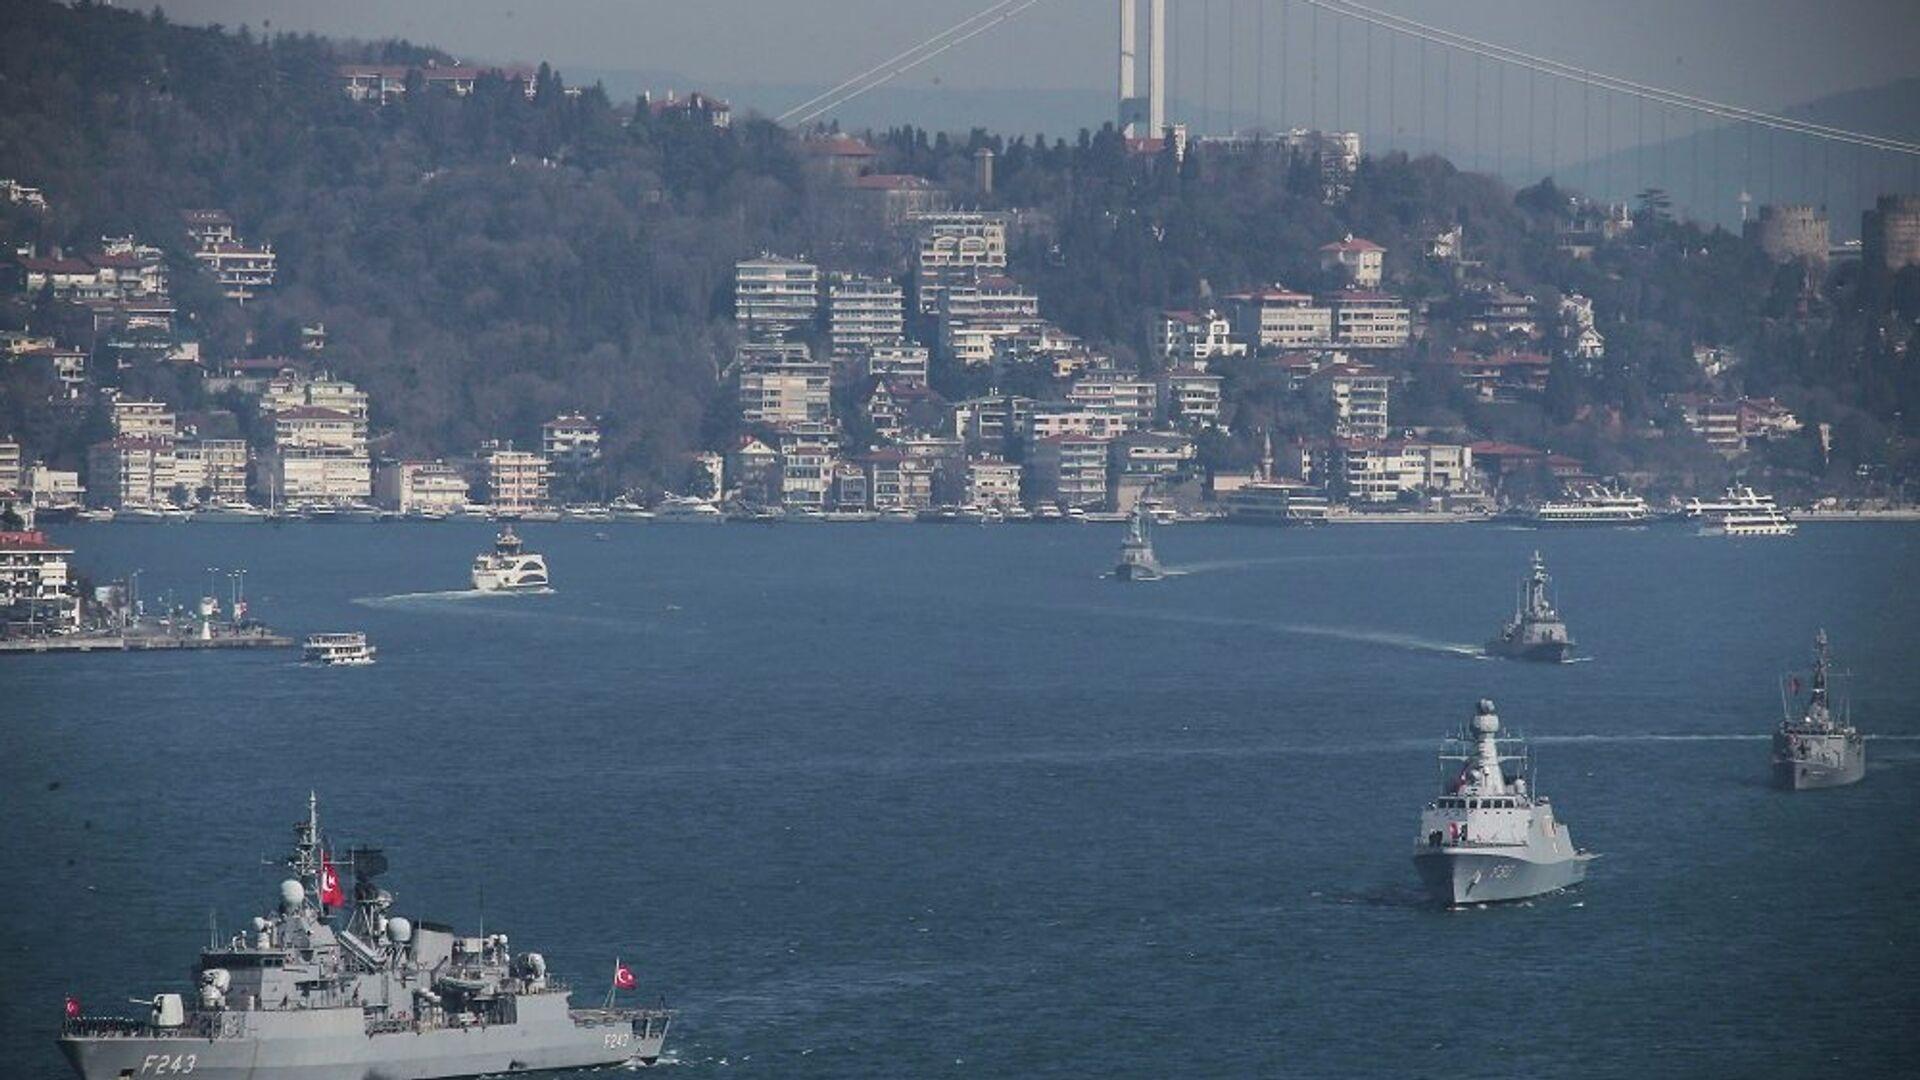 Πλοία του τουρκικού πολεμικού ναυτικού διασχίζουν τον Βόσπορο για την άσκηση «Γαλάζια Πατρίδα» - Sputnik Ελλάδα, 1920, 29.07.2021